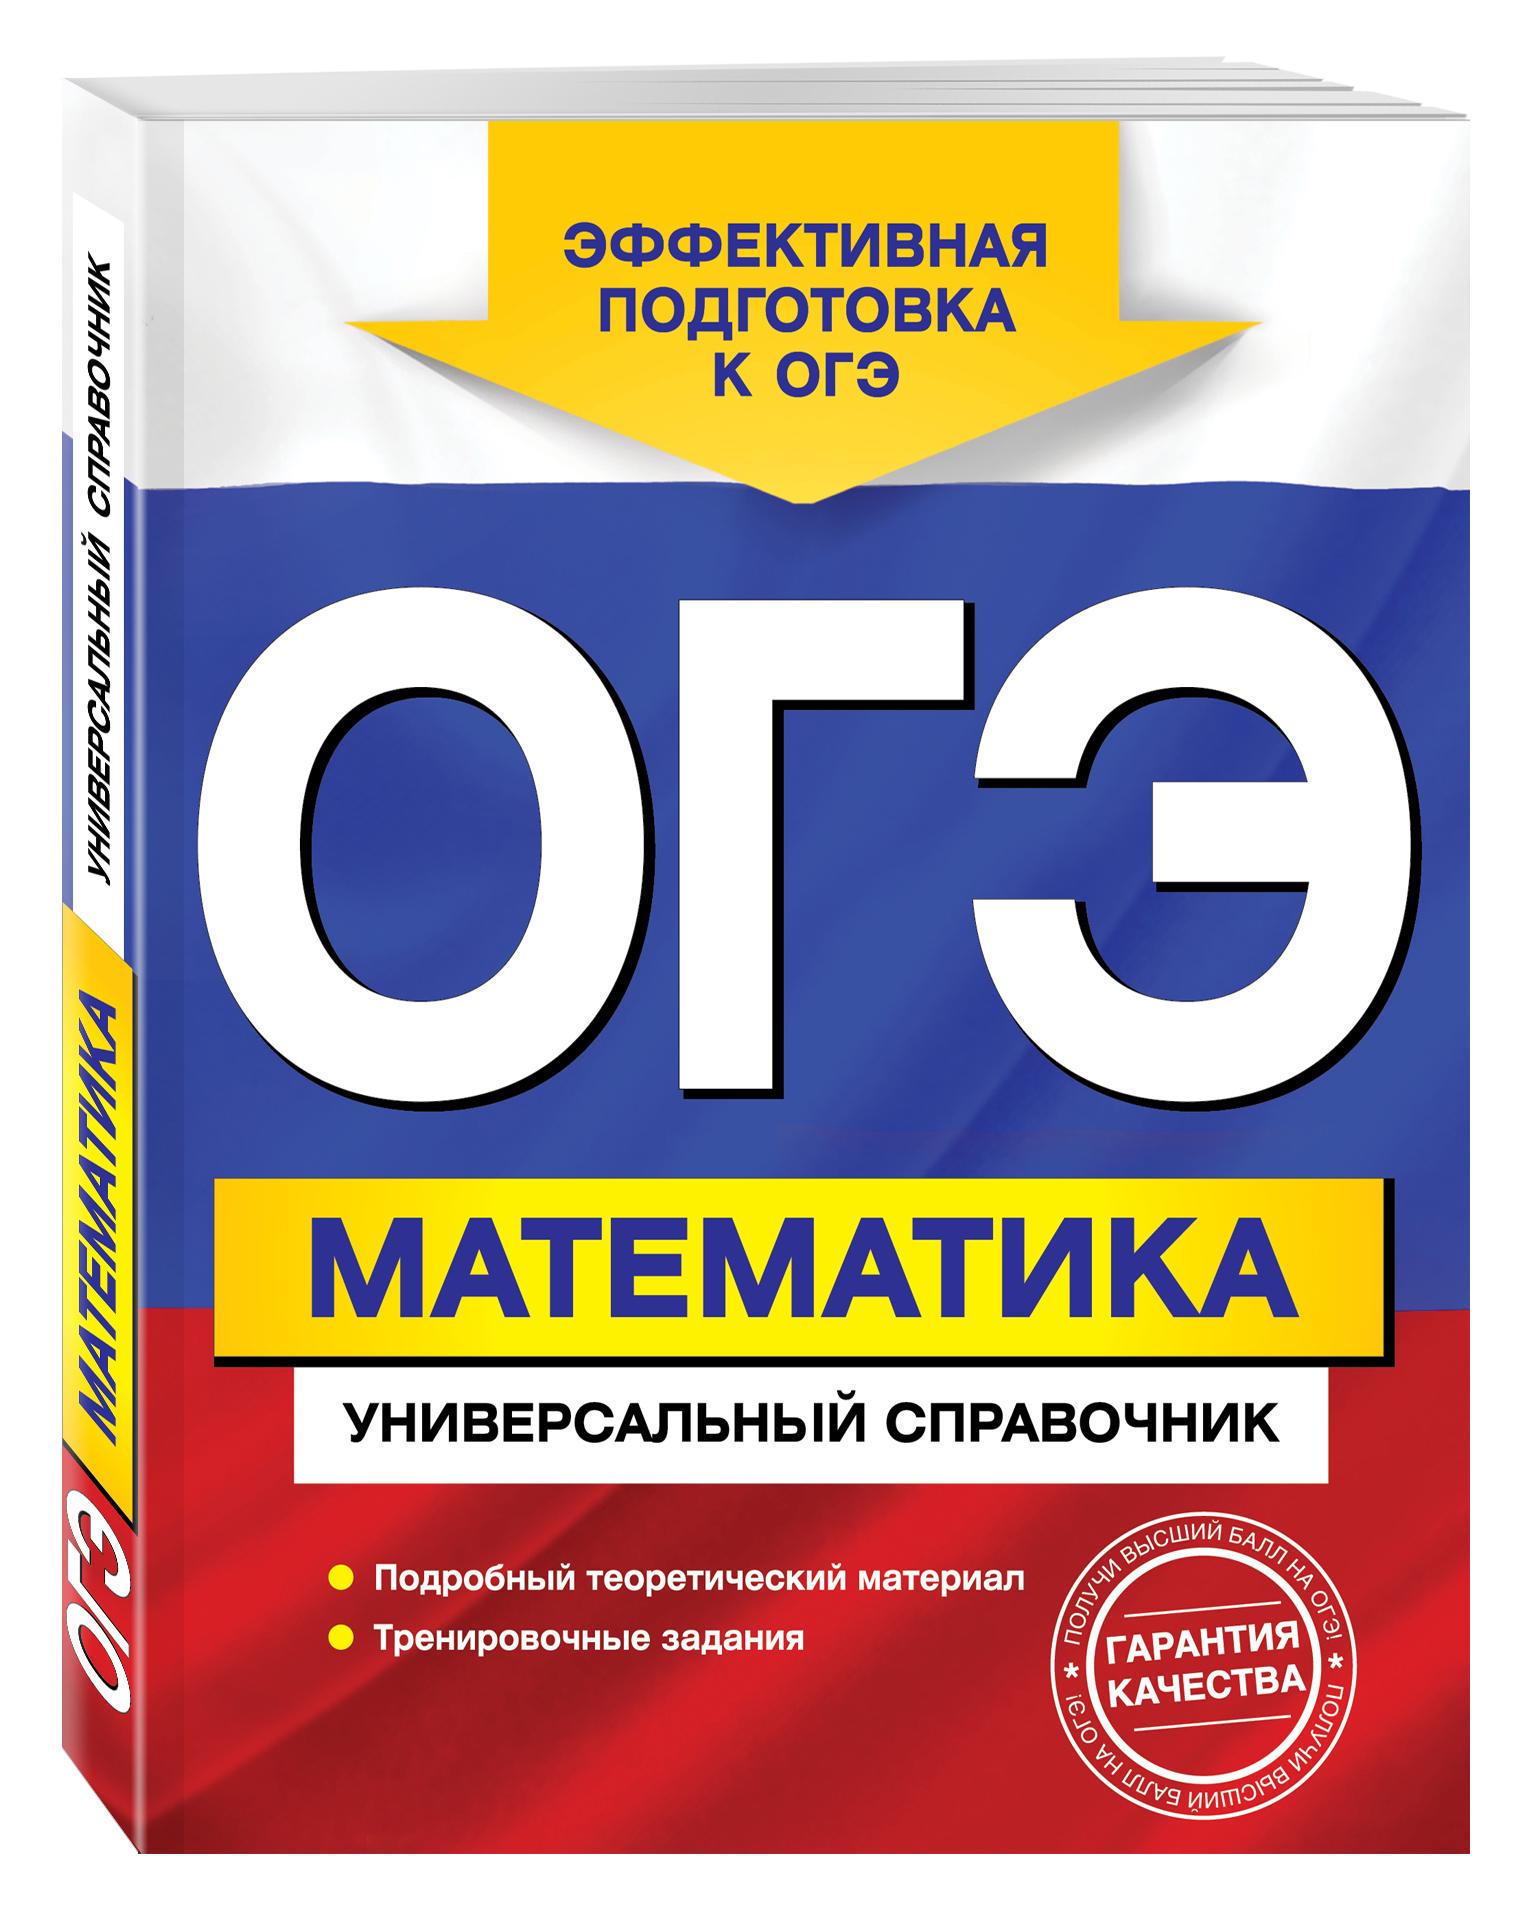 ОГЭ. Математика. Универсальный справочник от book24.ru